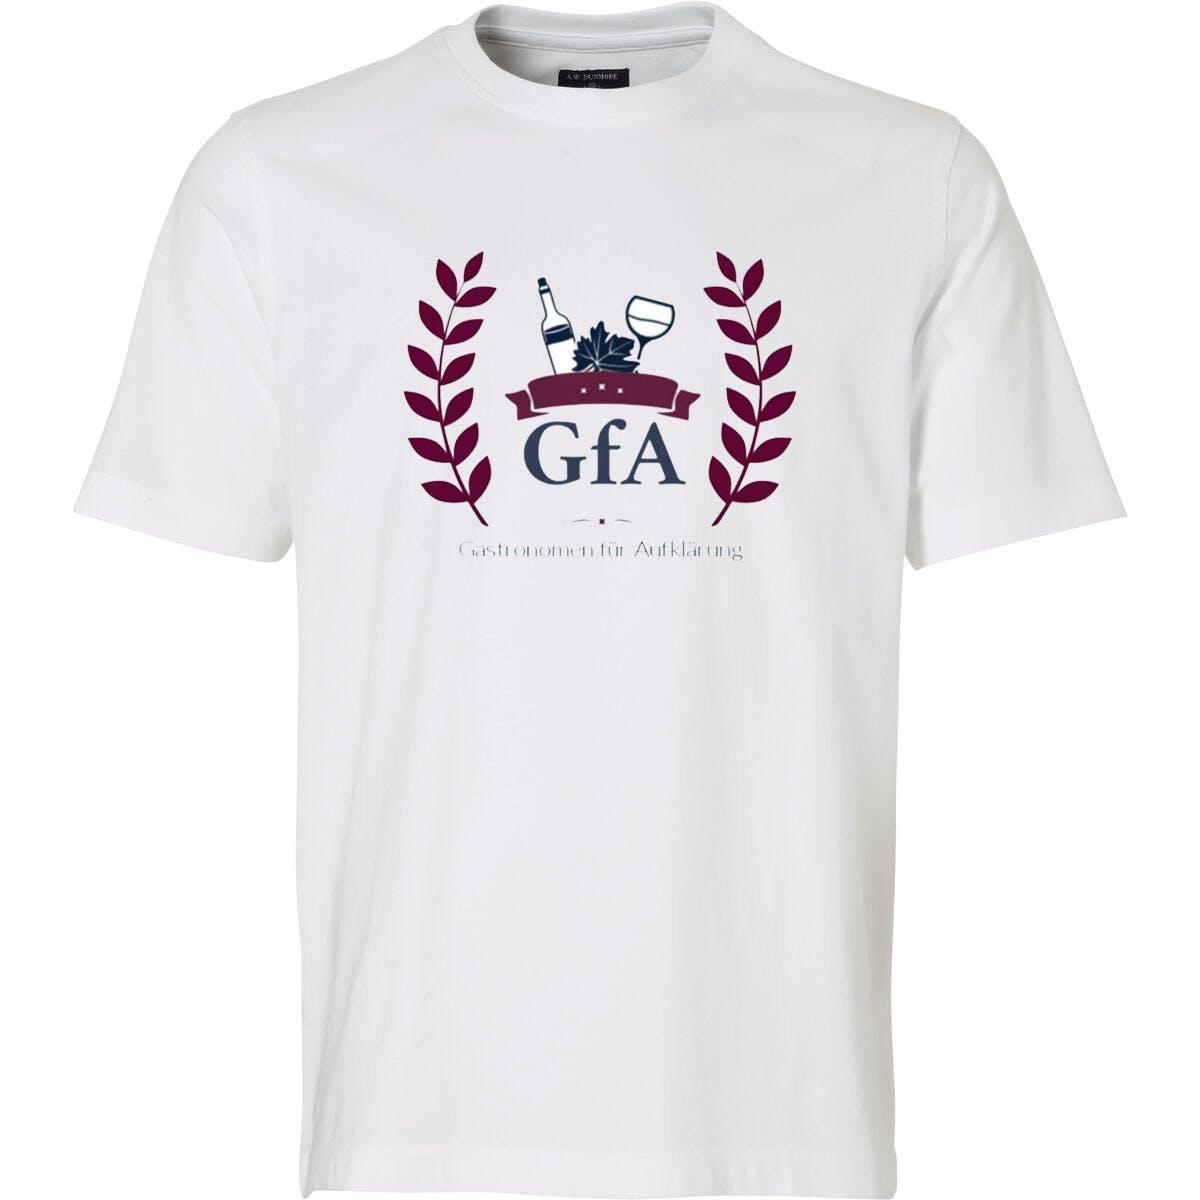 T-Shirt: Gastronomen für Aufklärung